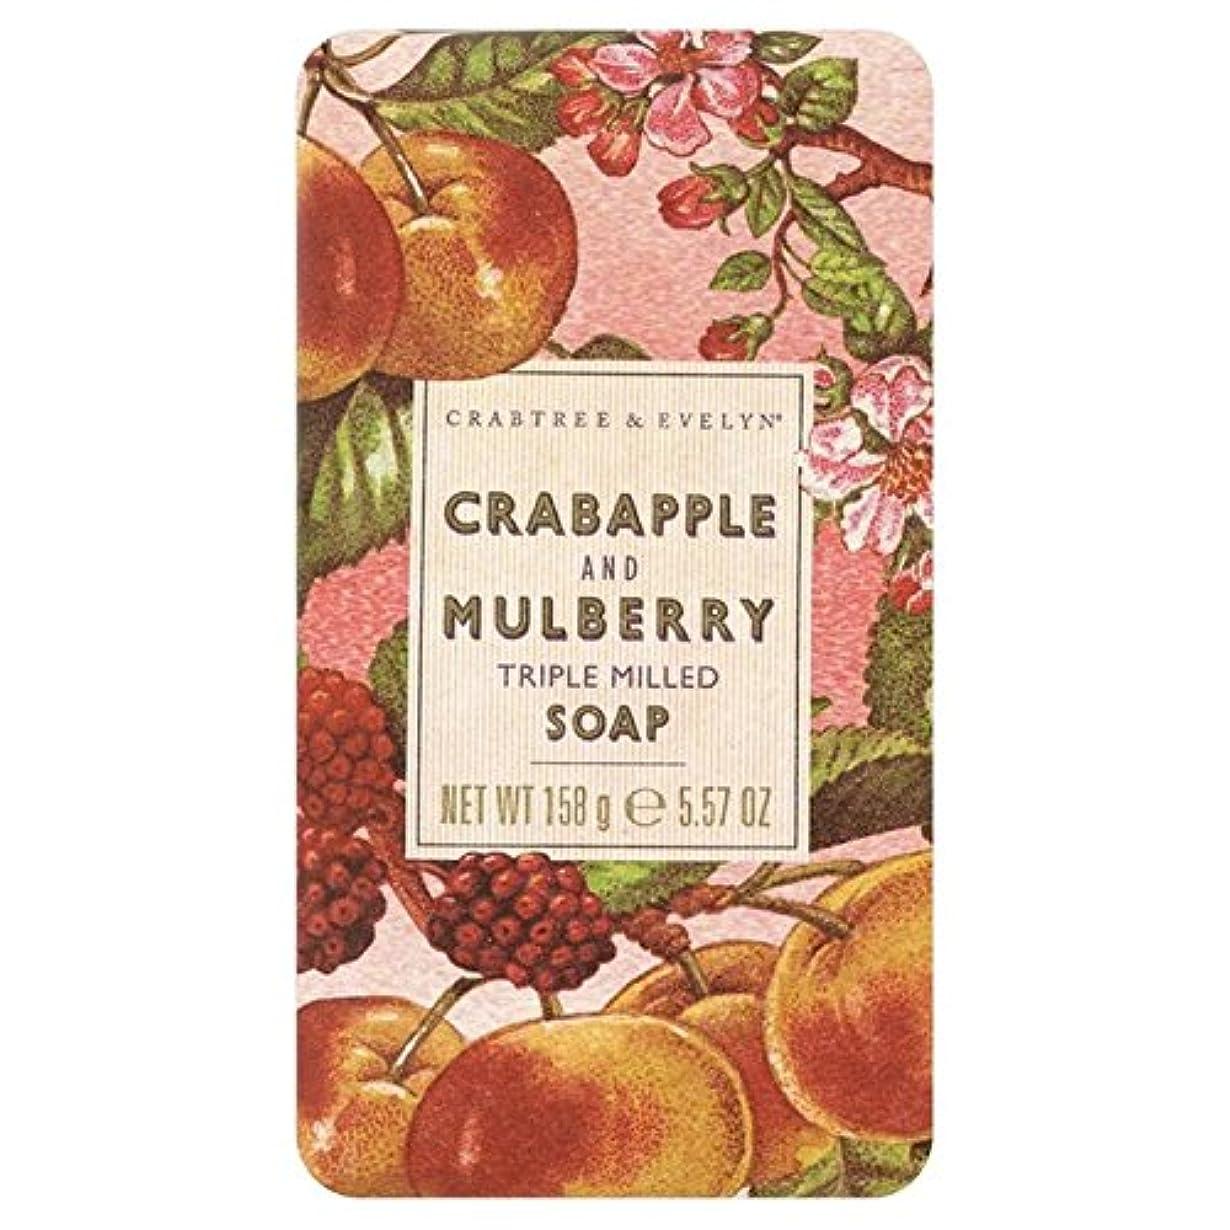 銅ステンレスシプリークラブツリー&イヴリンと桑遺産石鹸150グラム x4 - Crabtree & Evelyn Crabapple and Mulberry Heritage Soap 150g (Pack of 4) [並行輸入品]